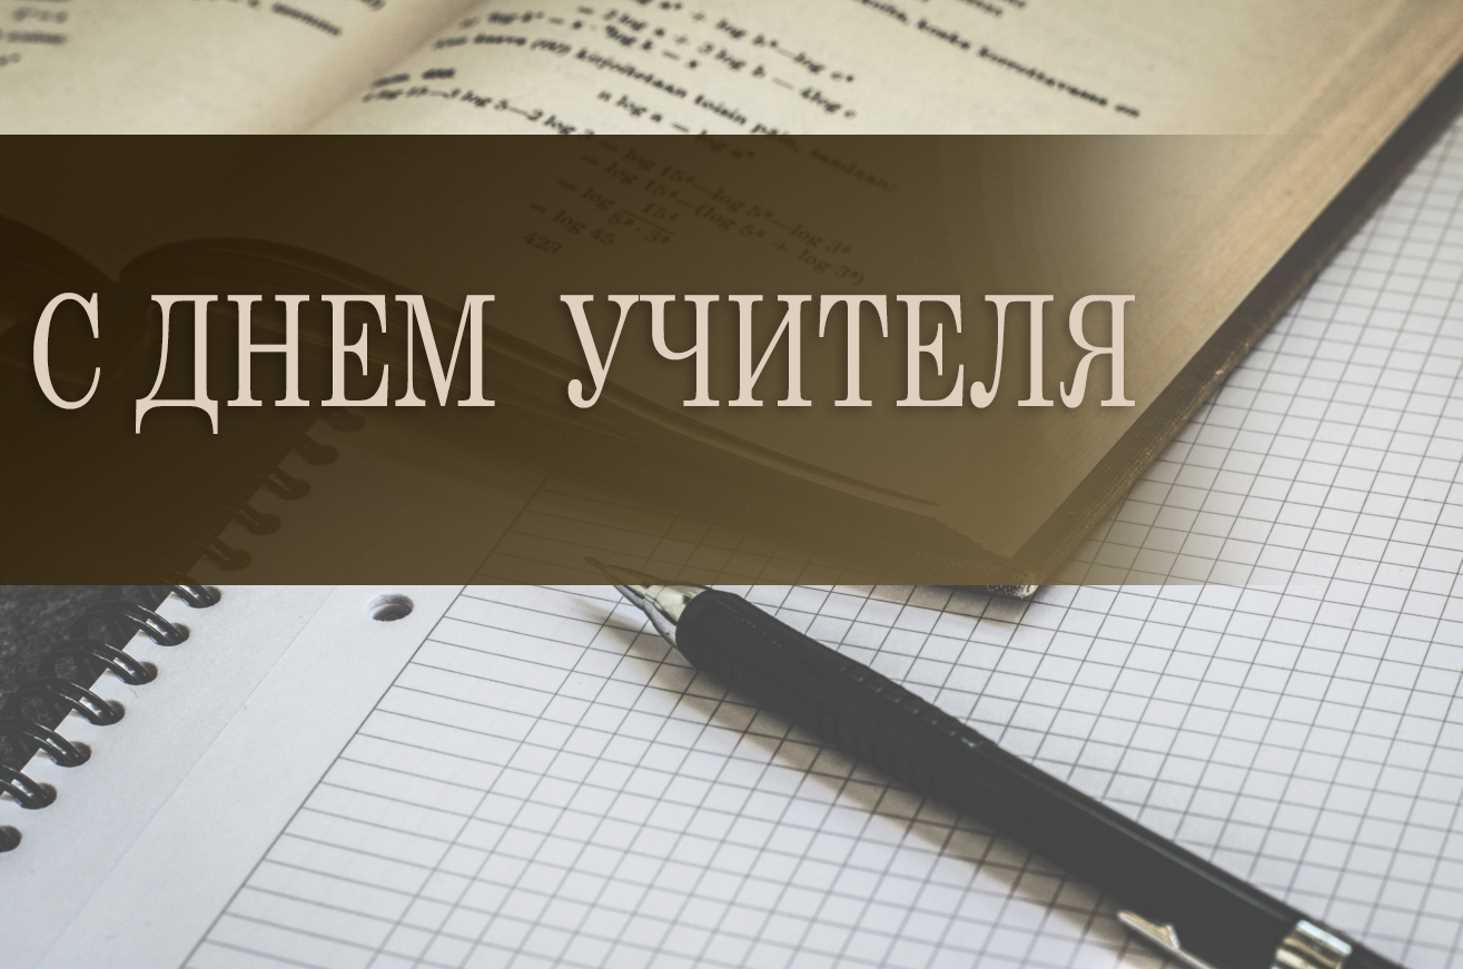 vygodnye-predlozheniya-ot-moego-universiteta-ko-dnyu-uchitelya